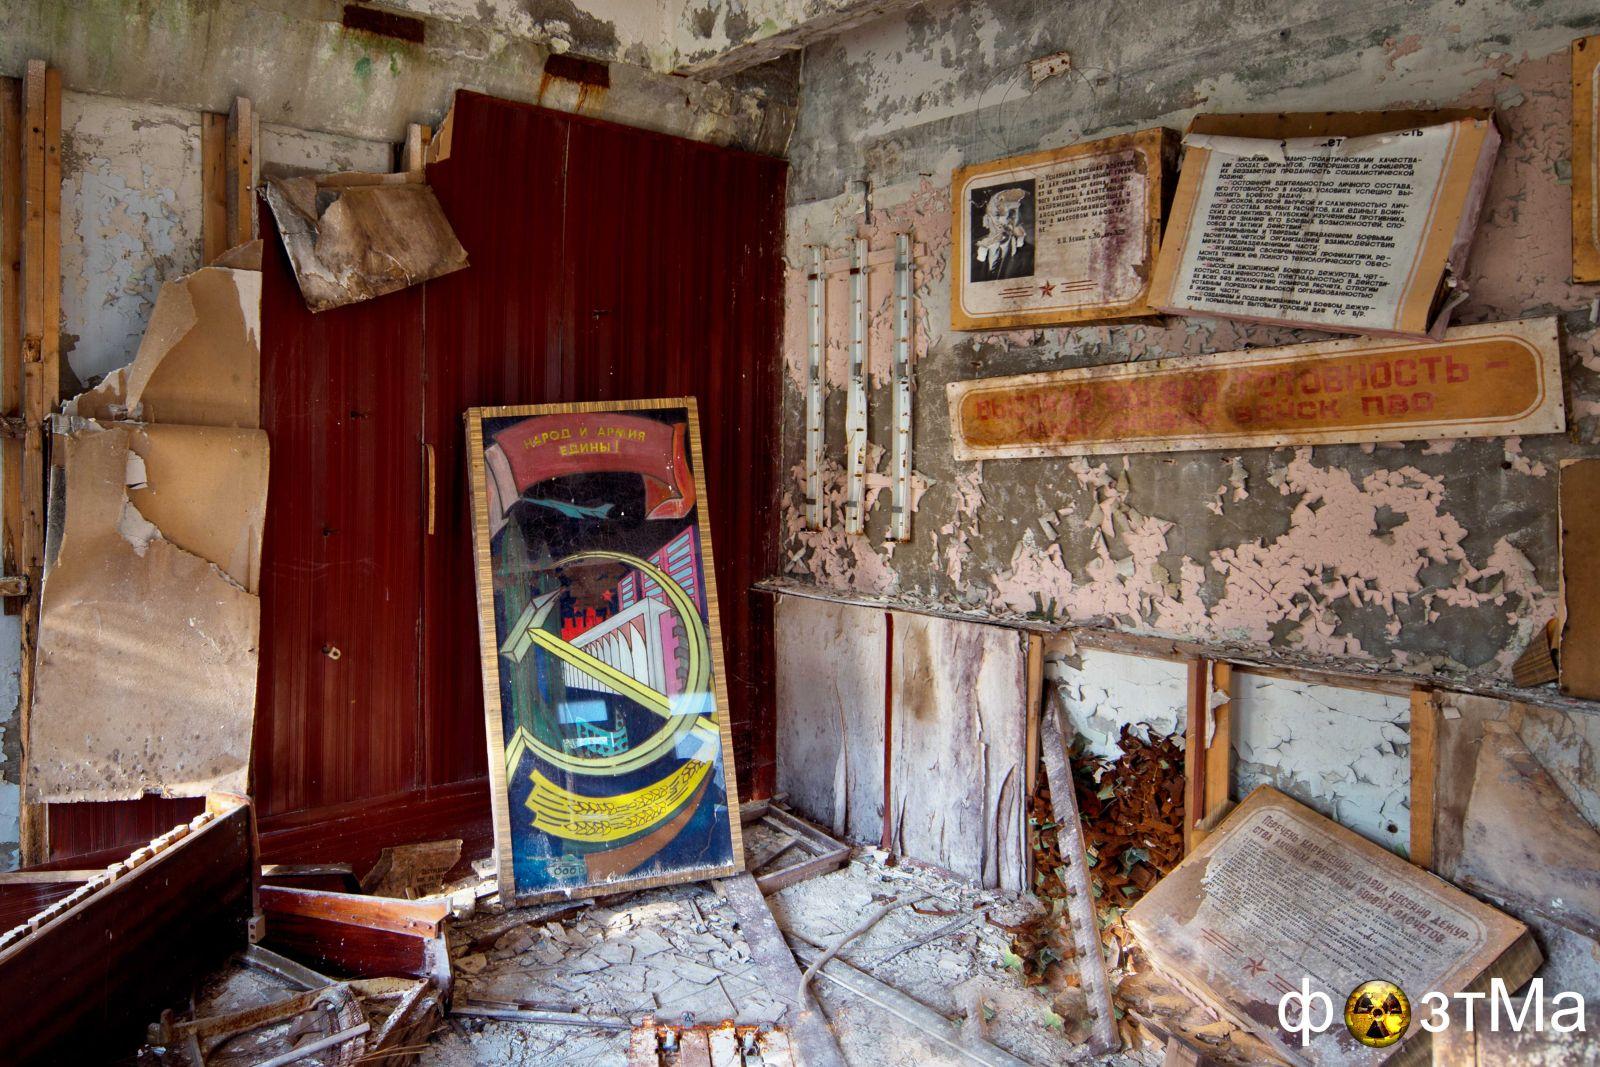 Alfons postma   tjernobyl & pripyat (30 jaar later) i